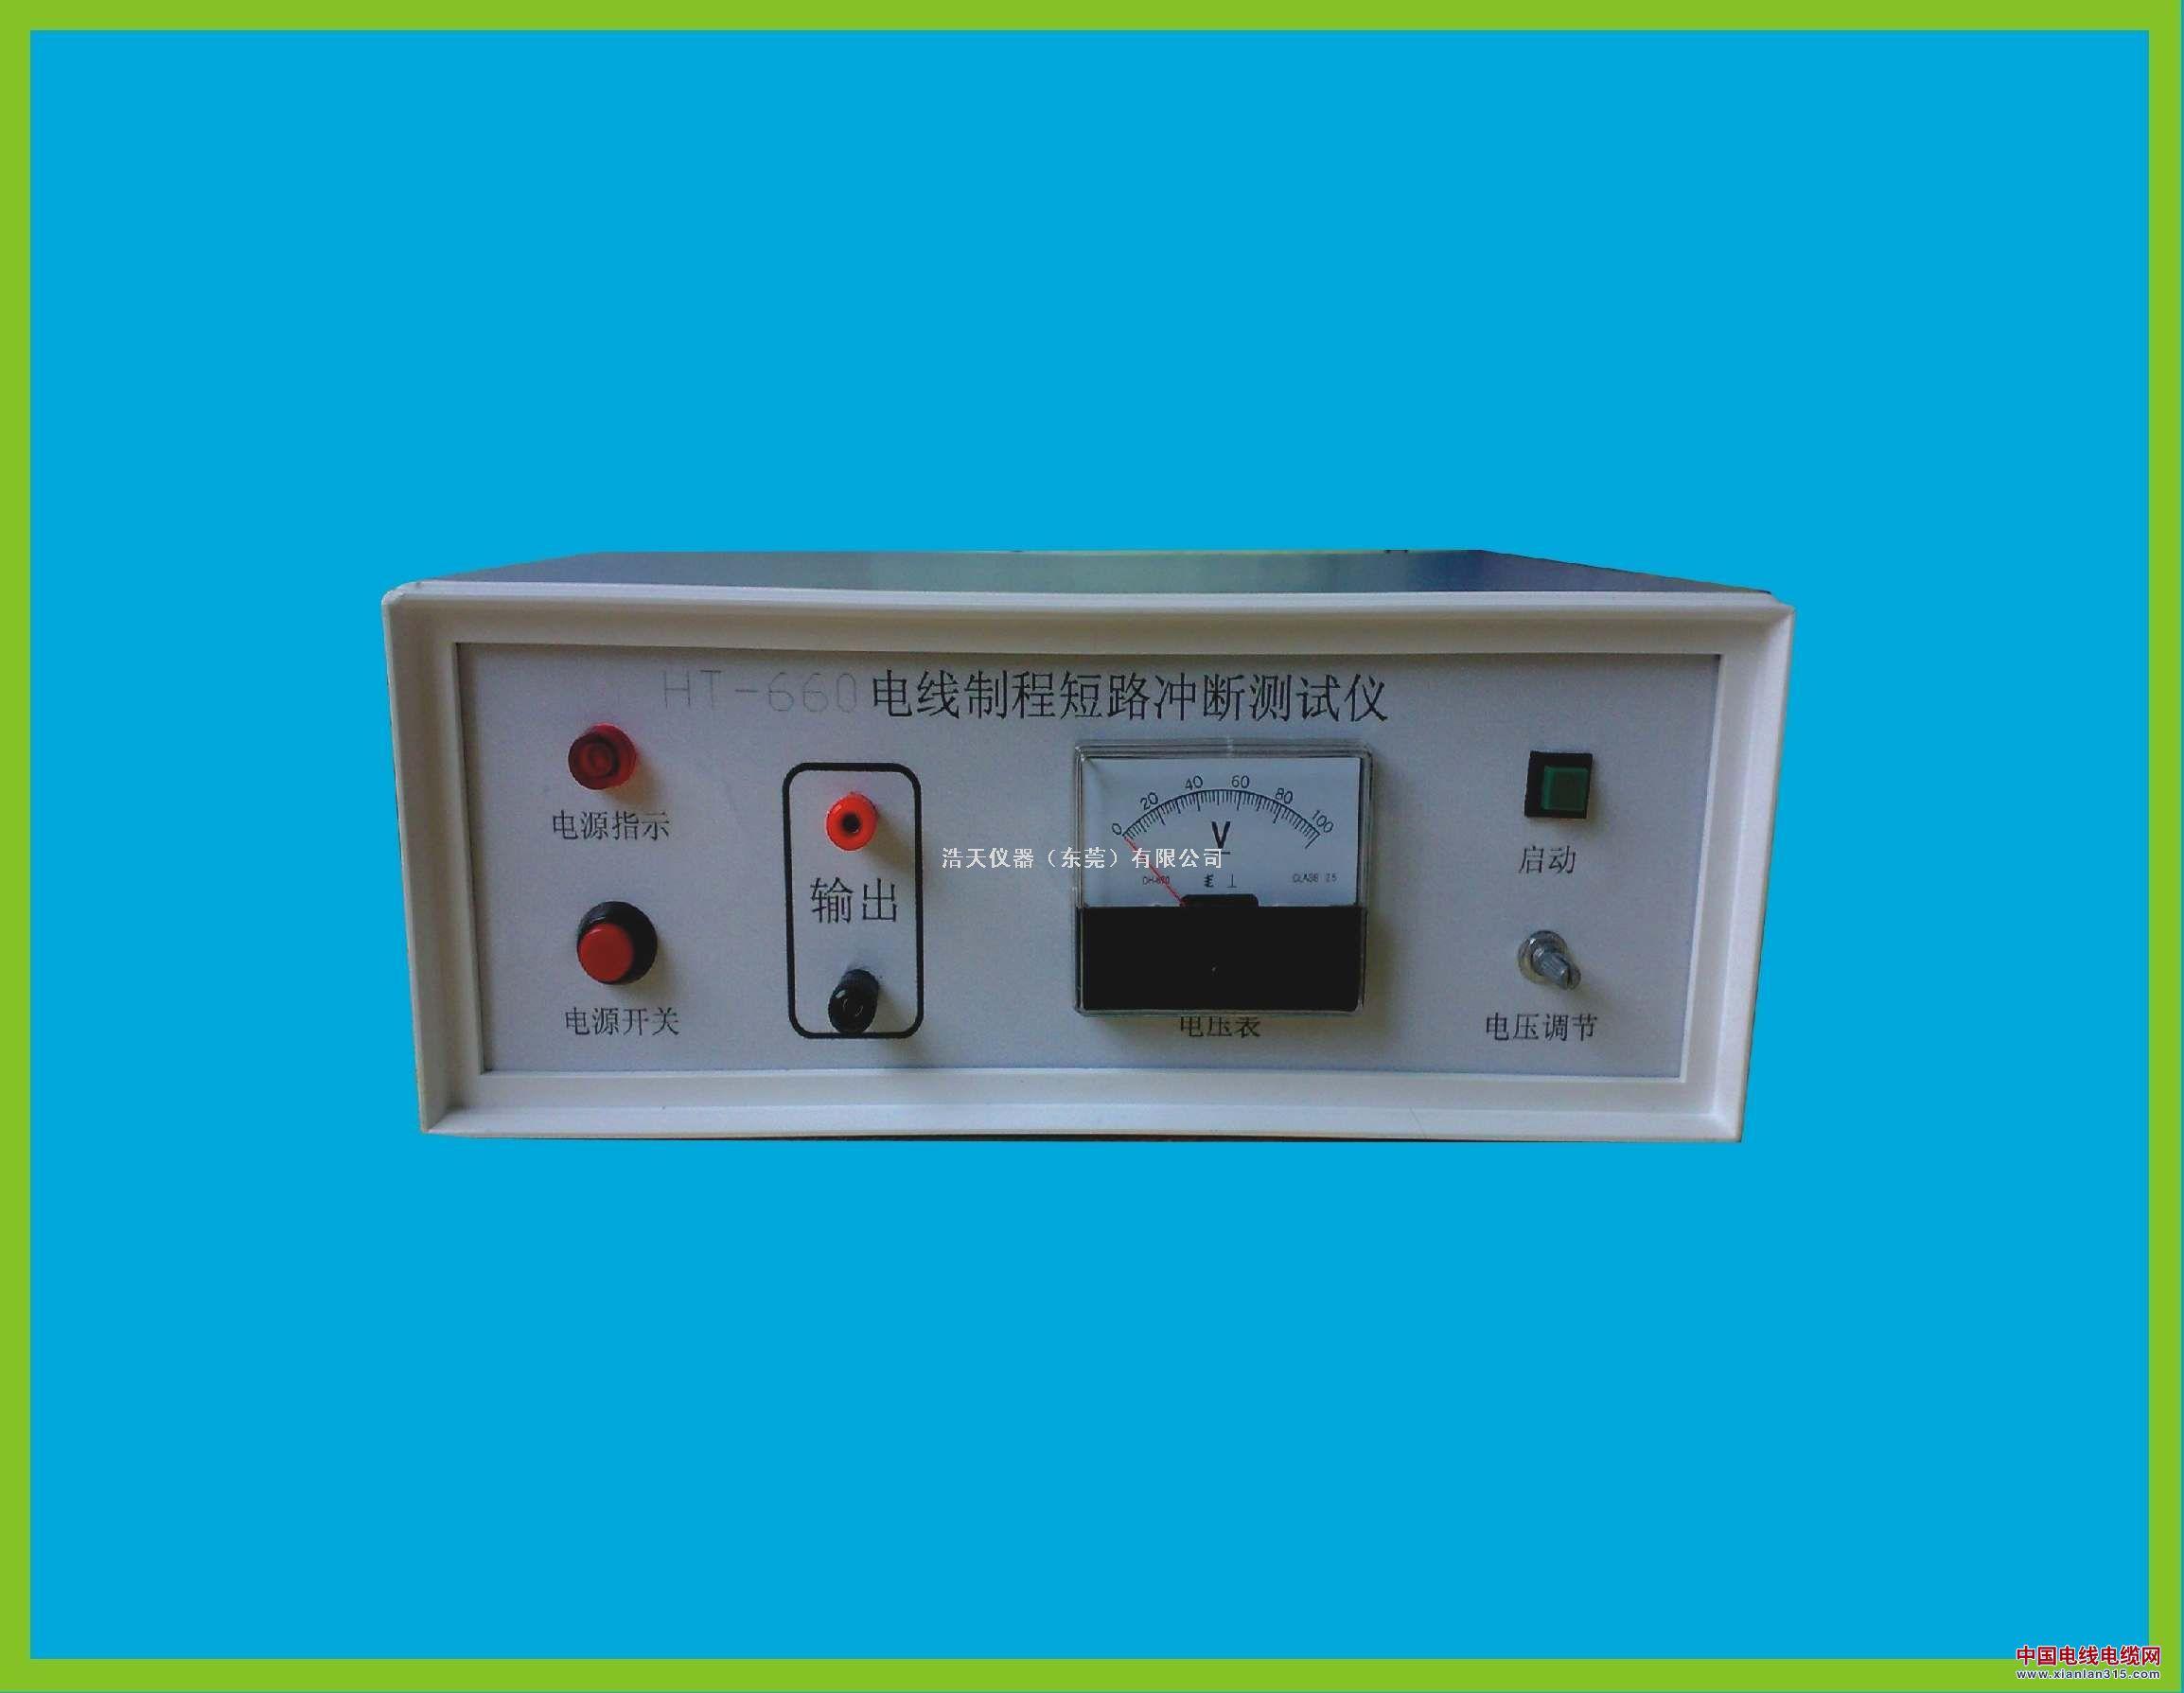 电线制程短路冲断测试仪产品图片展示